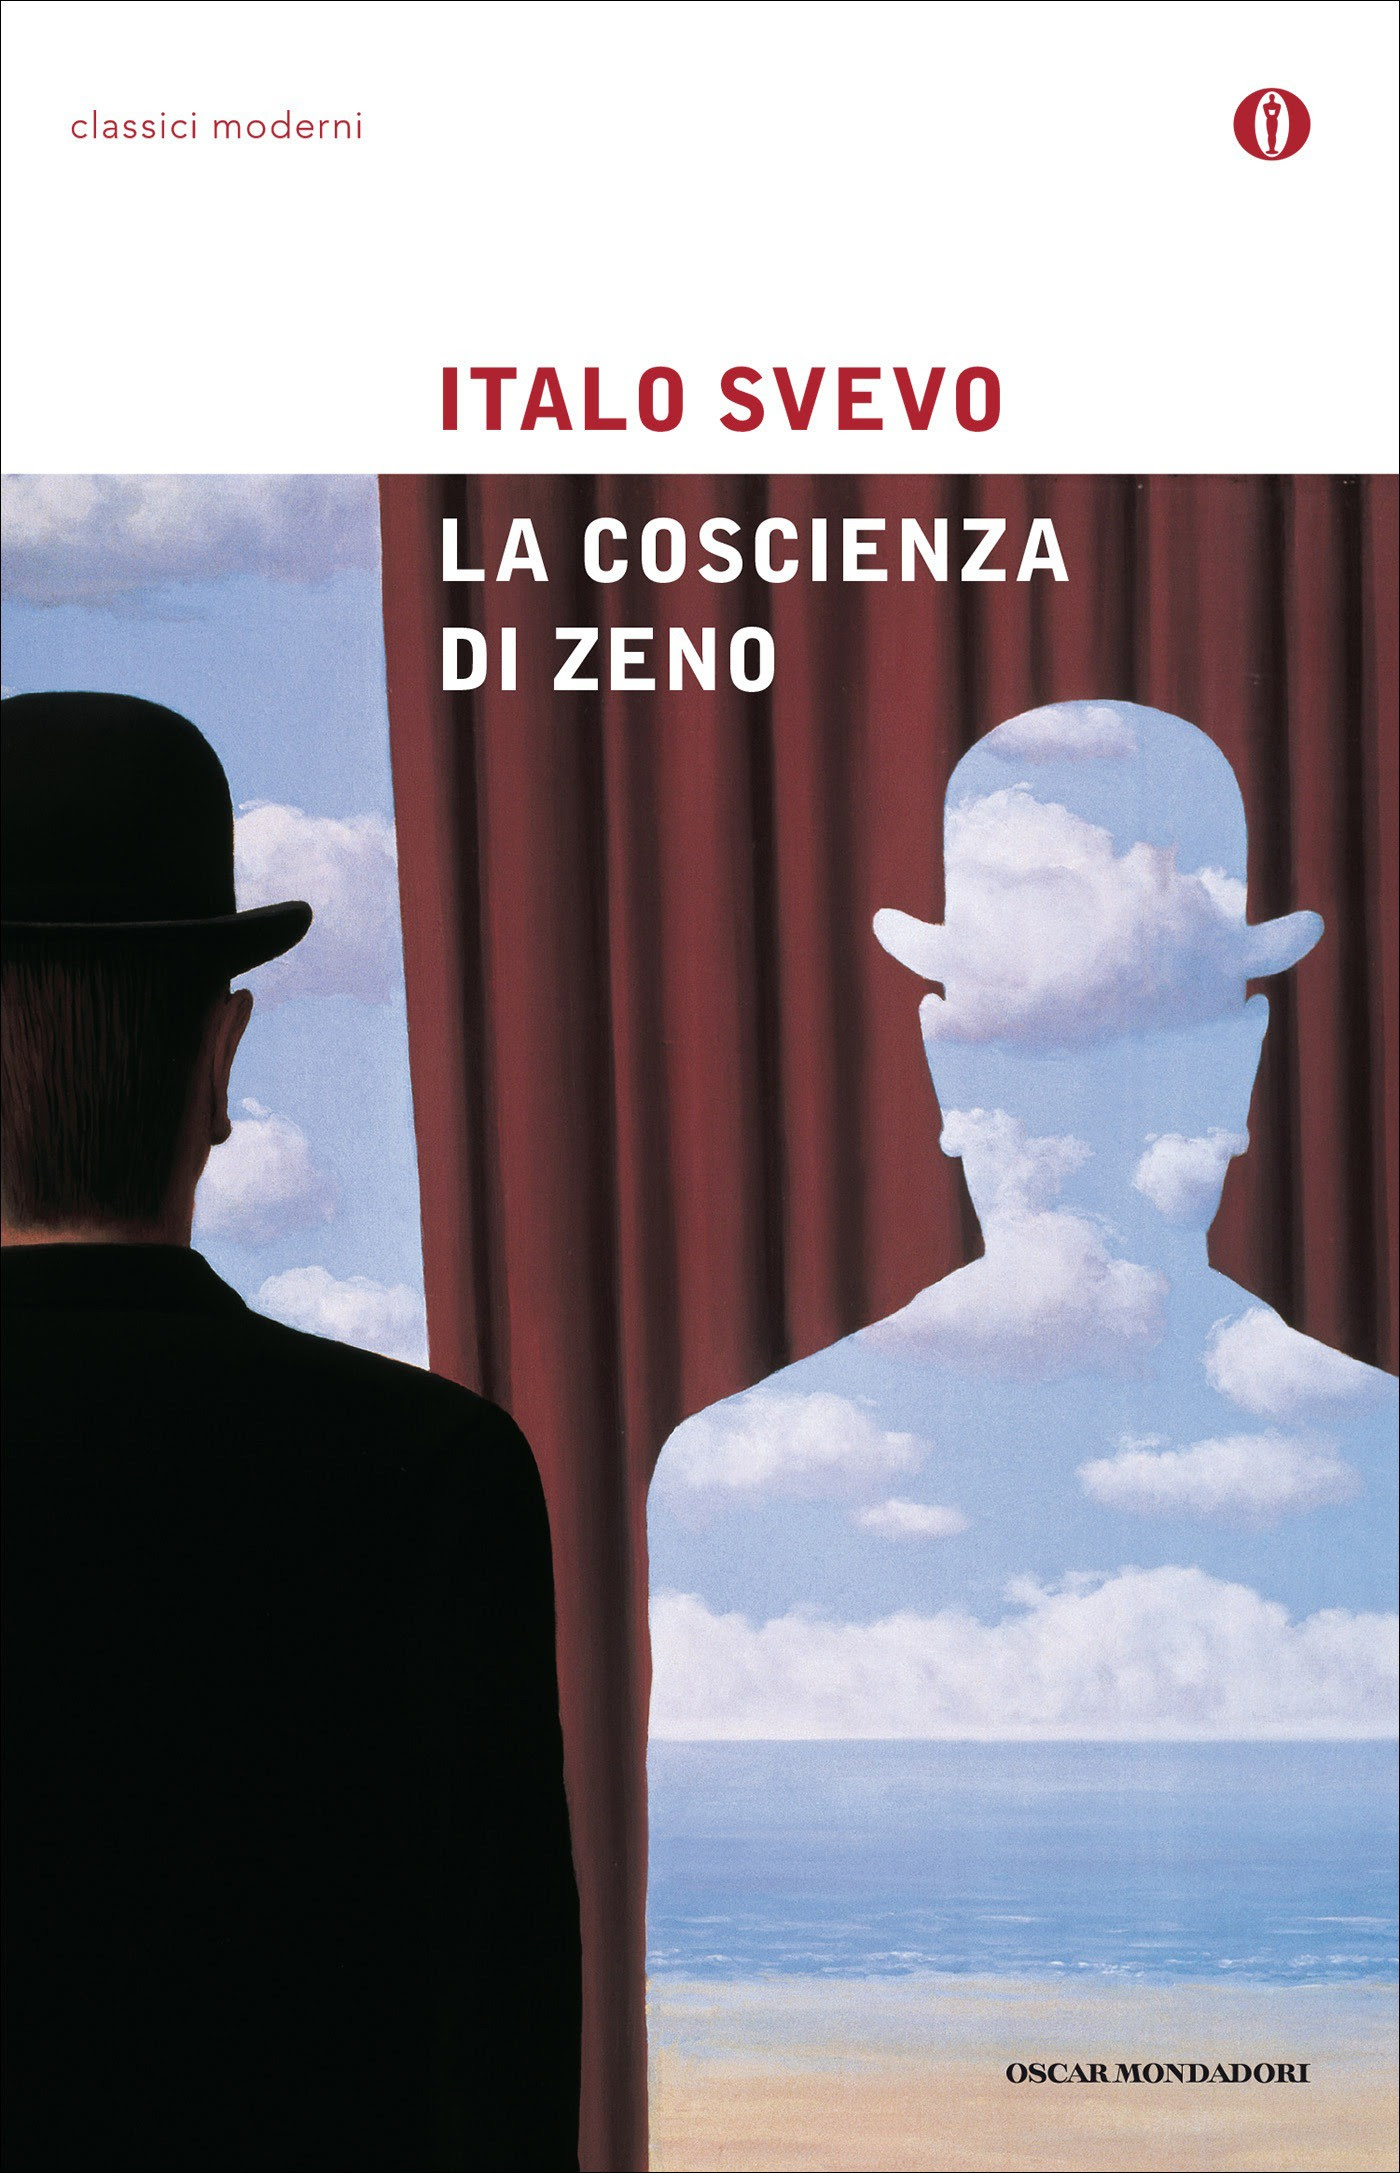 http://www.orlandofurioso.com/wp-content/uploads/2015/05/La-coscienza-di-Zeno.jpg